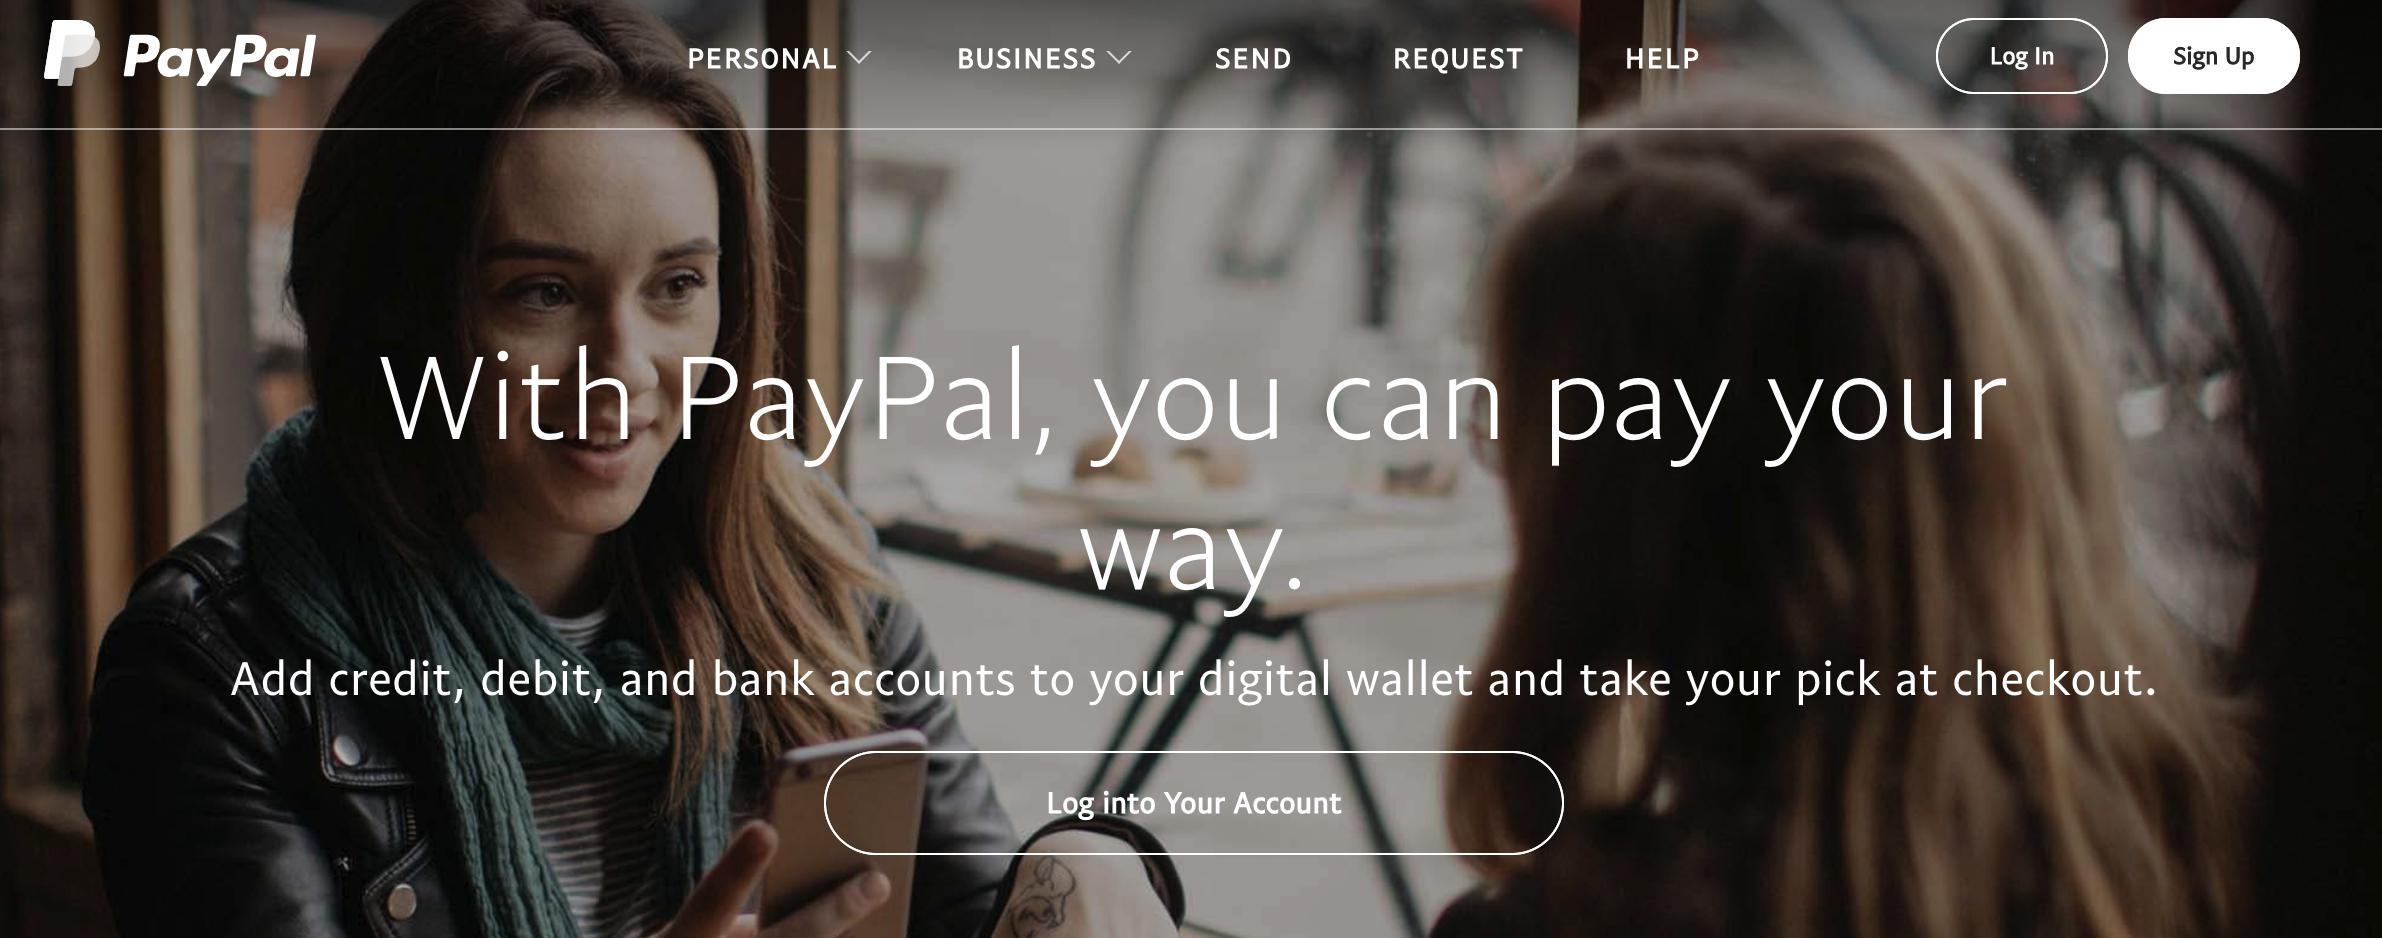 美国Paypal的网站,点击右上角Sign Up注册个账号